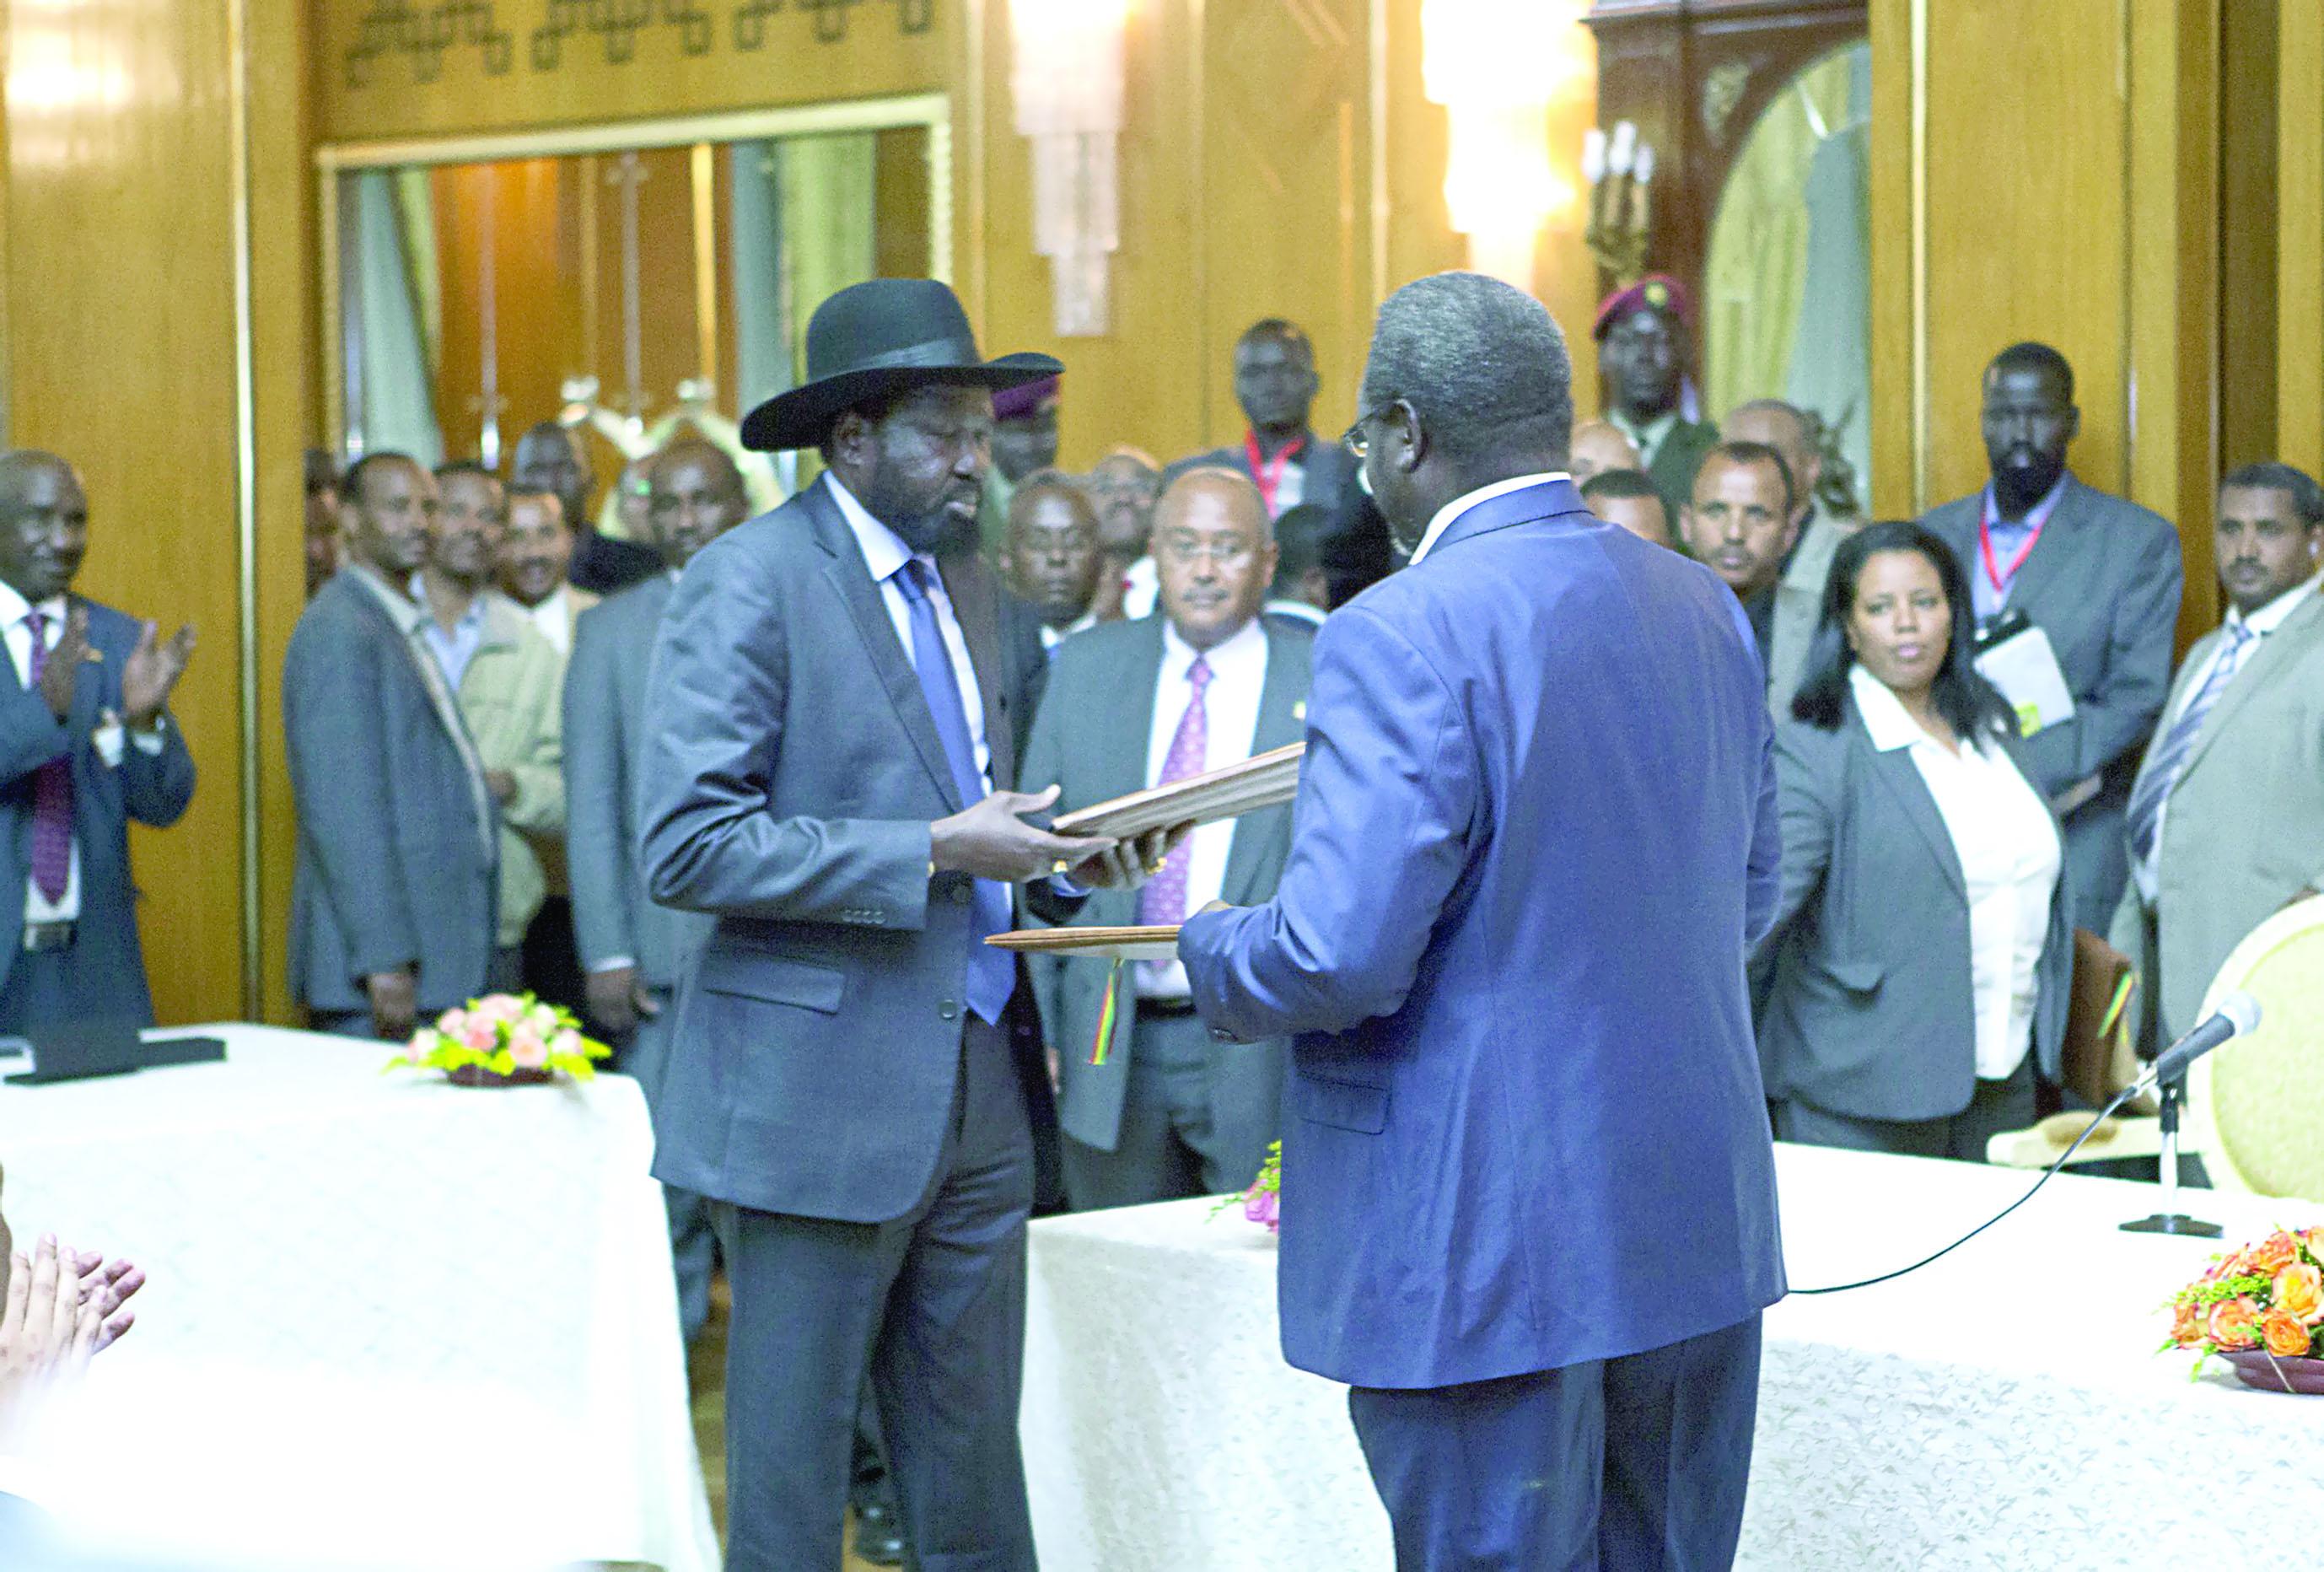 مجلس الأمن يريد تعزيز مهمة الأمم المتحدة في جوبا